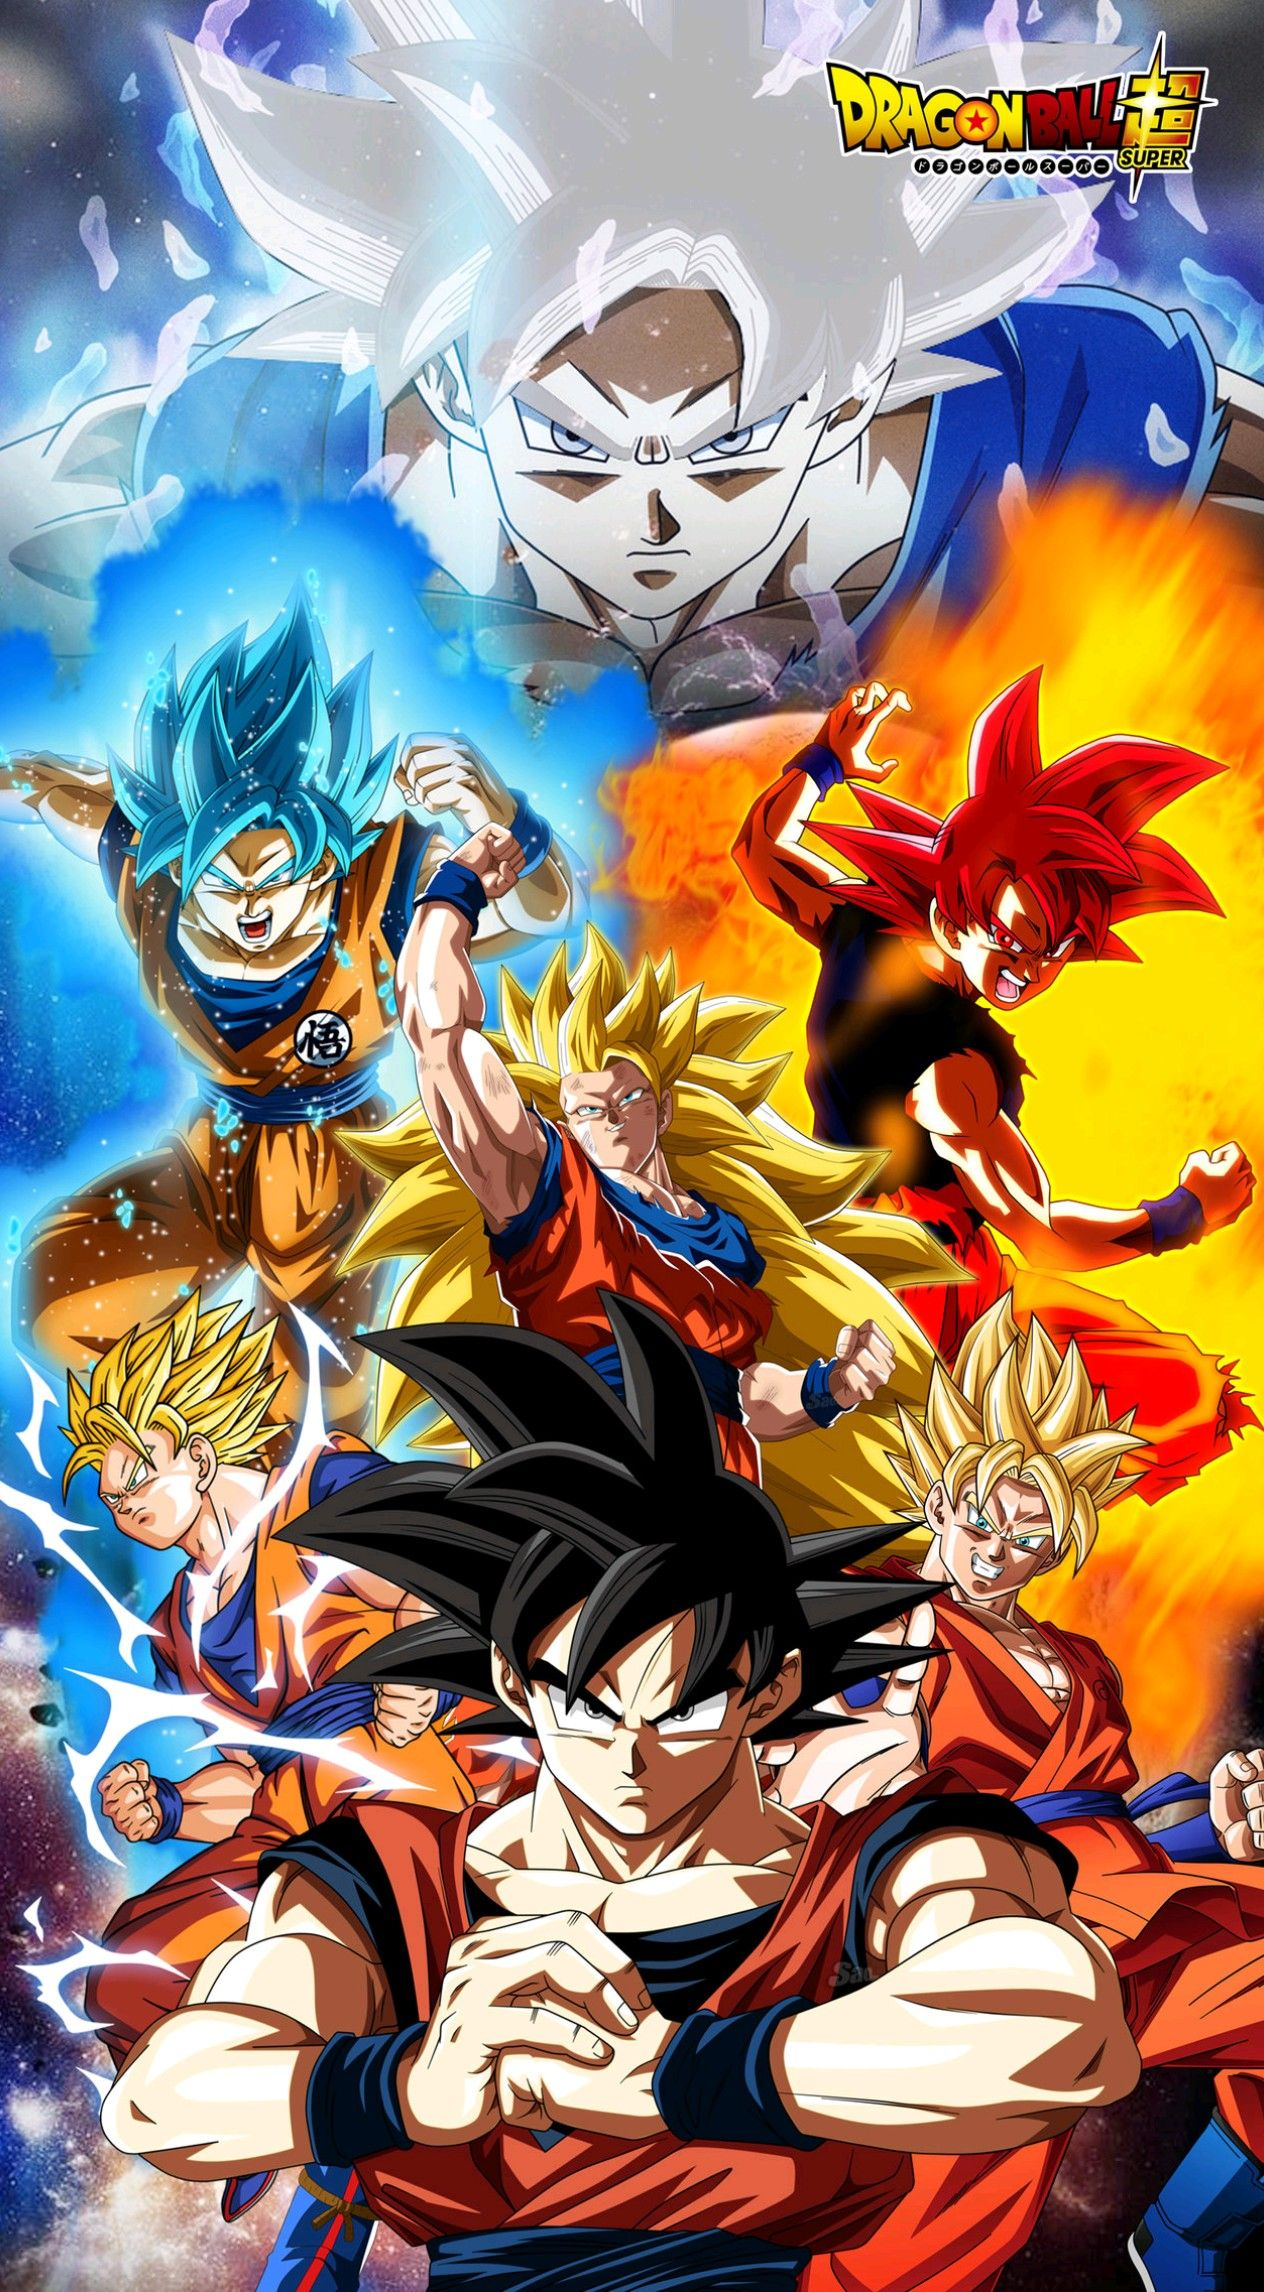 Goku All Forms Dragon Ball Super Dragon Ball Wallpapers Anime Dragon Ball Super Dragon Ball Super Manga